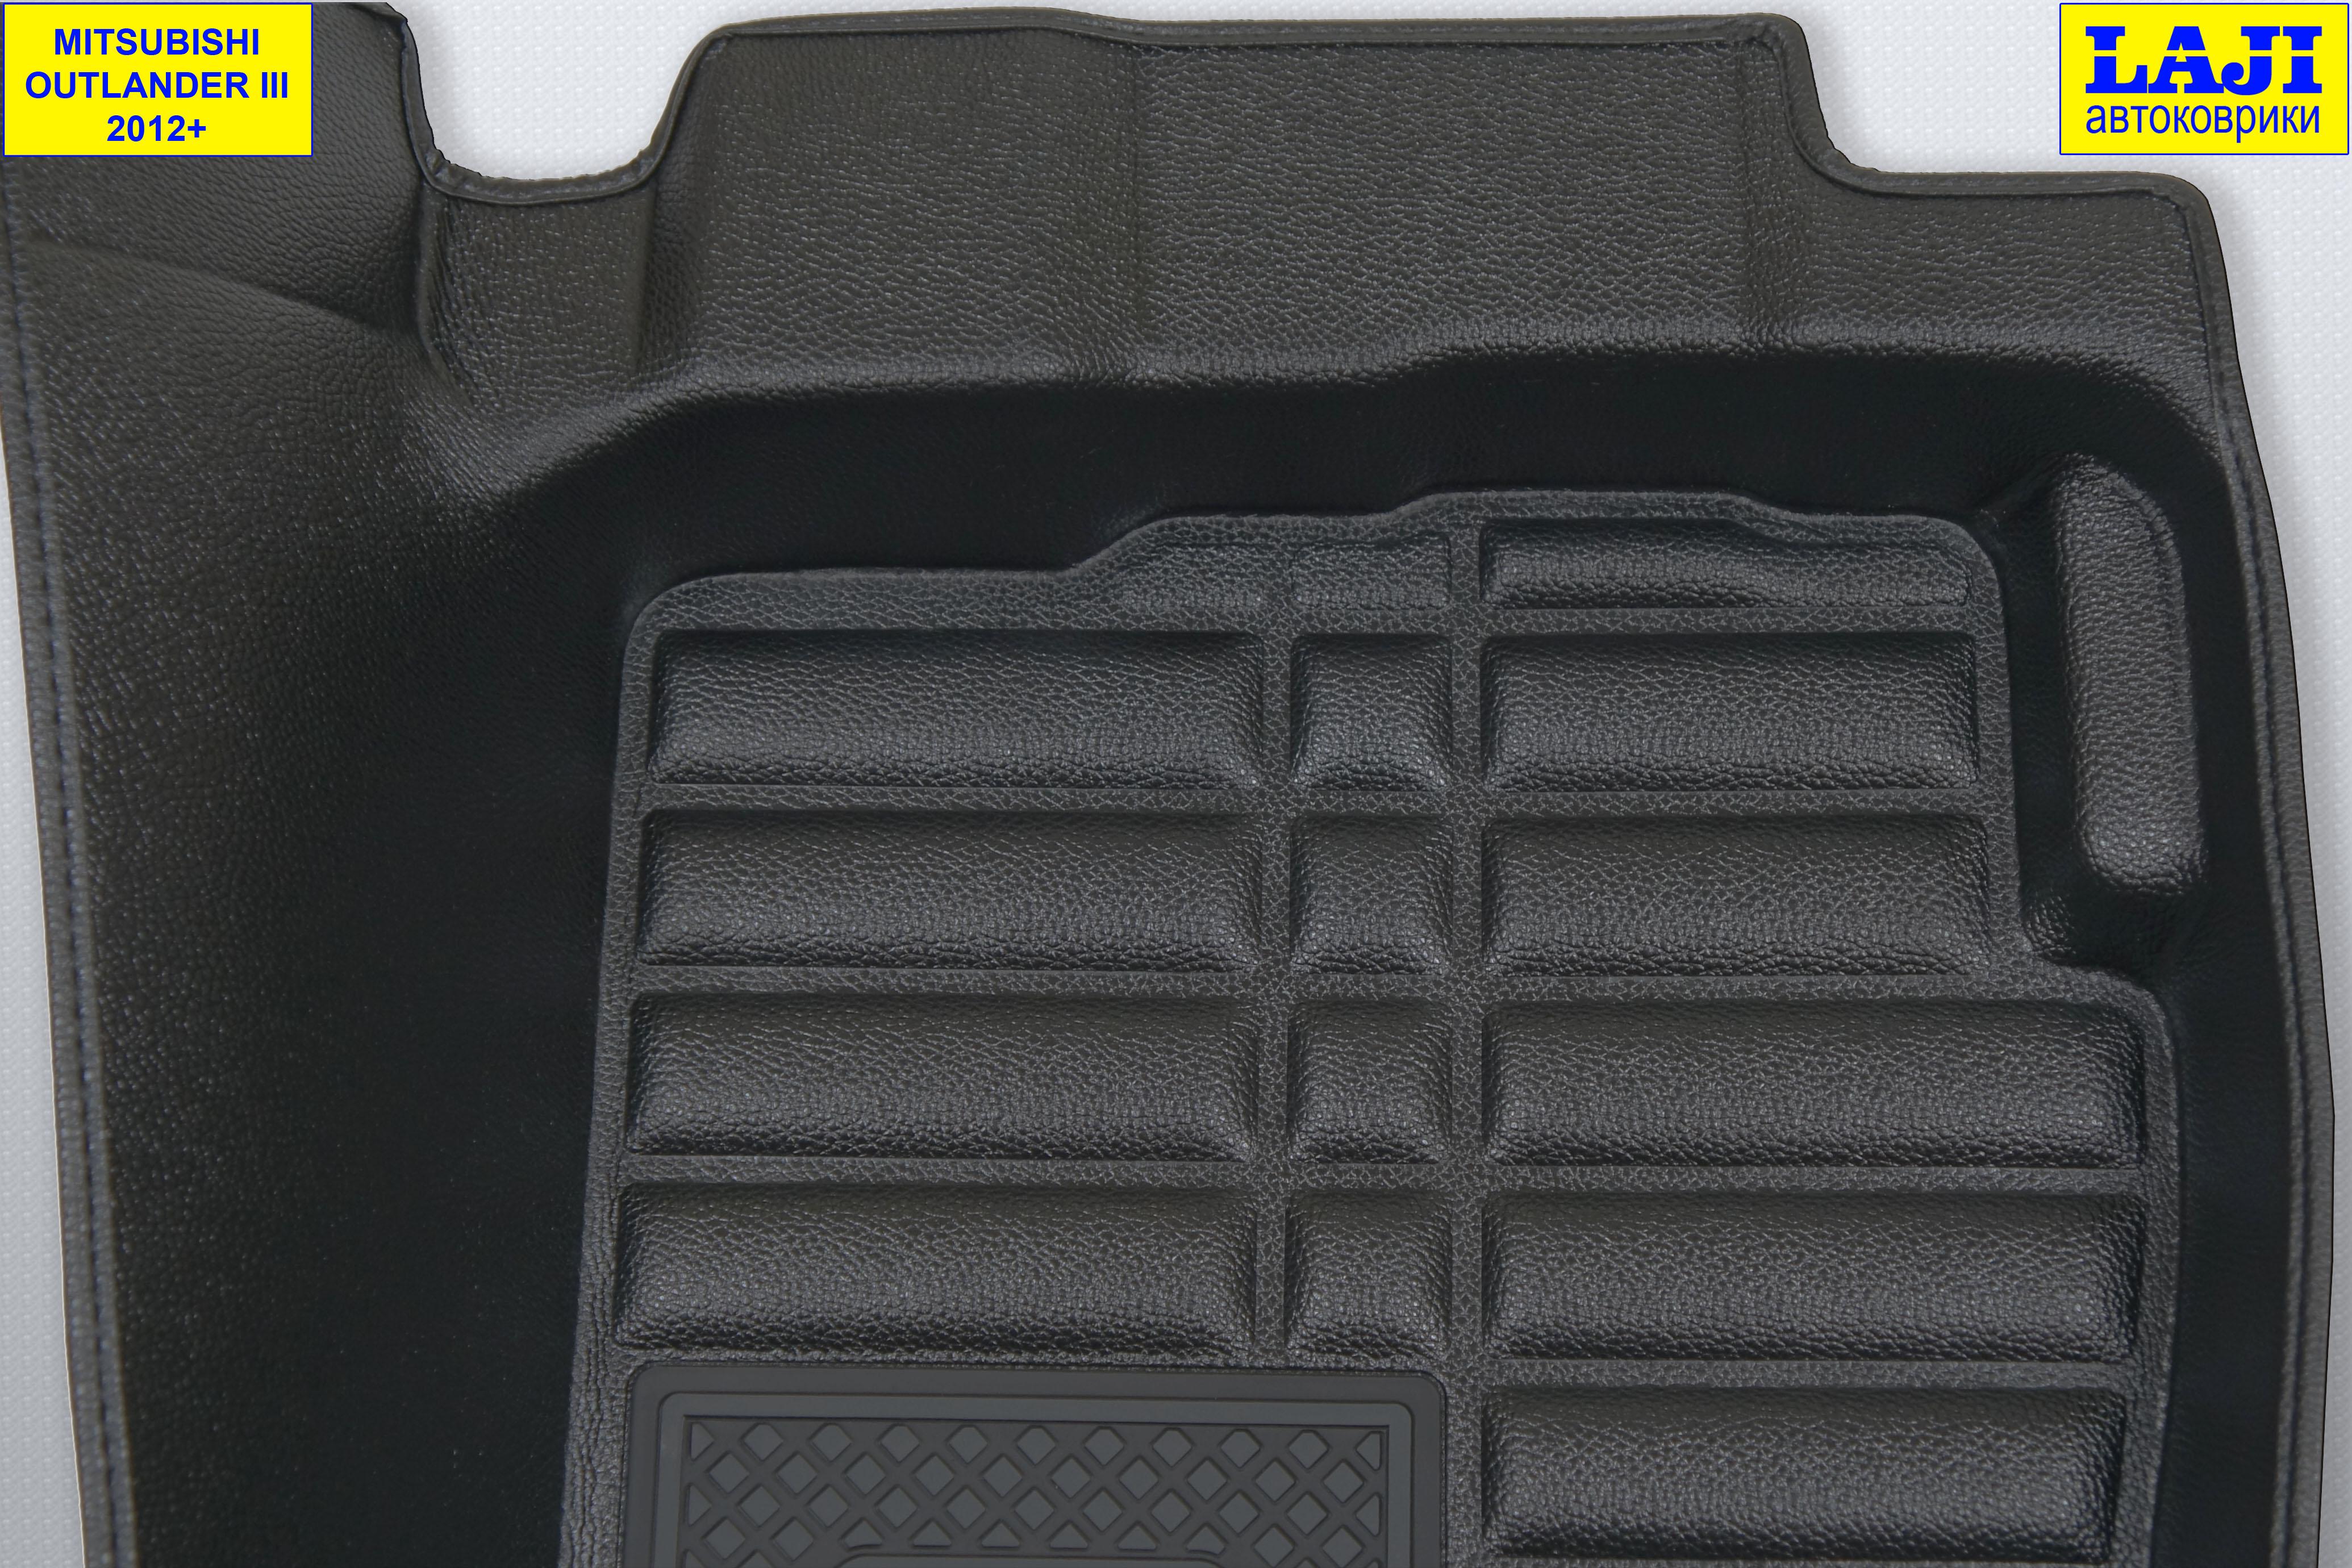 5D коврики в салон Mitsubishi Outlander III 2012-н.в. 8